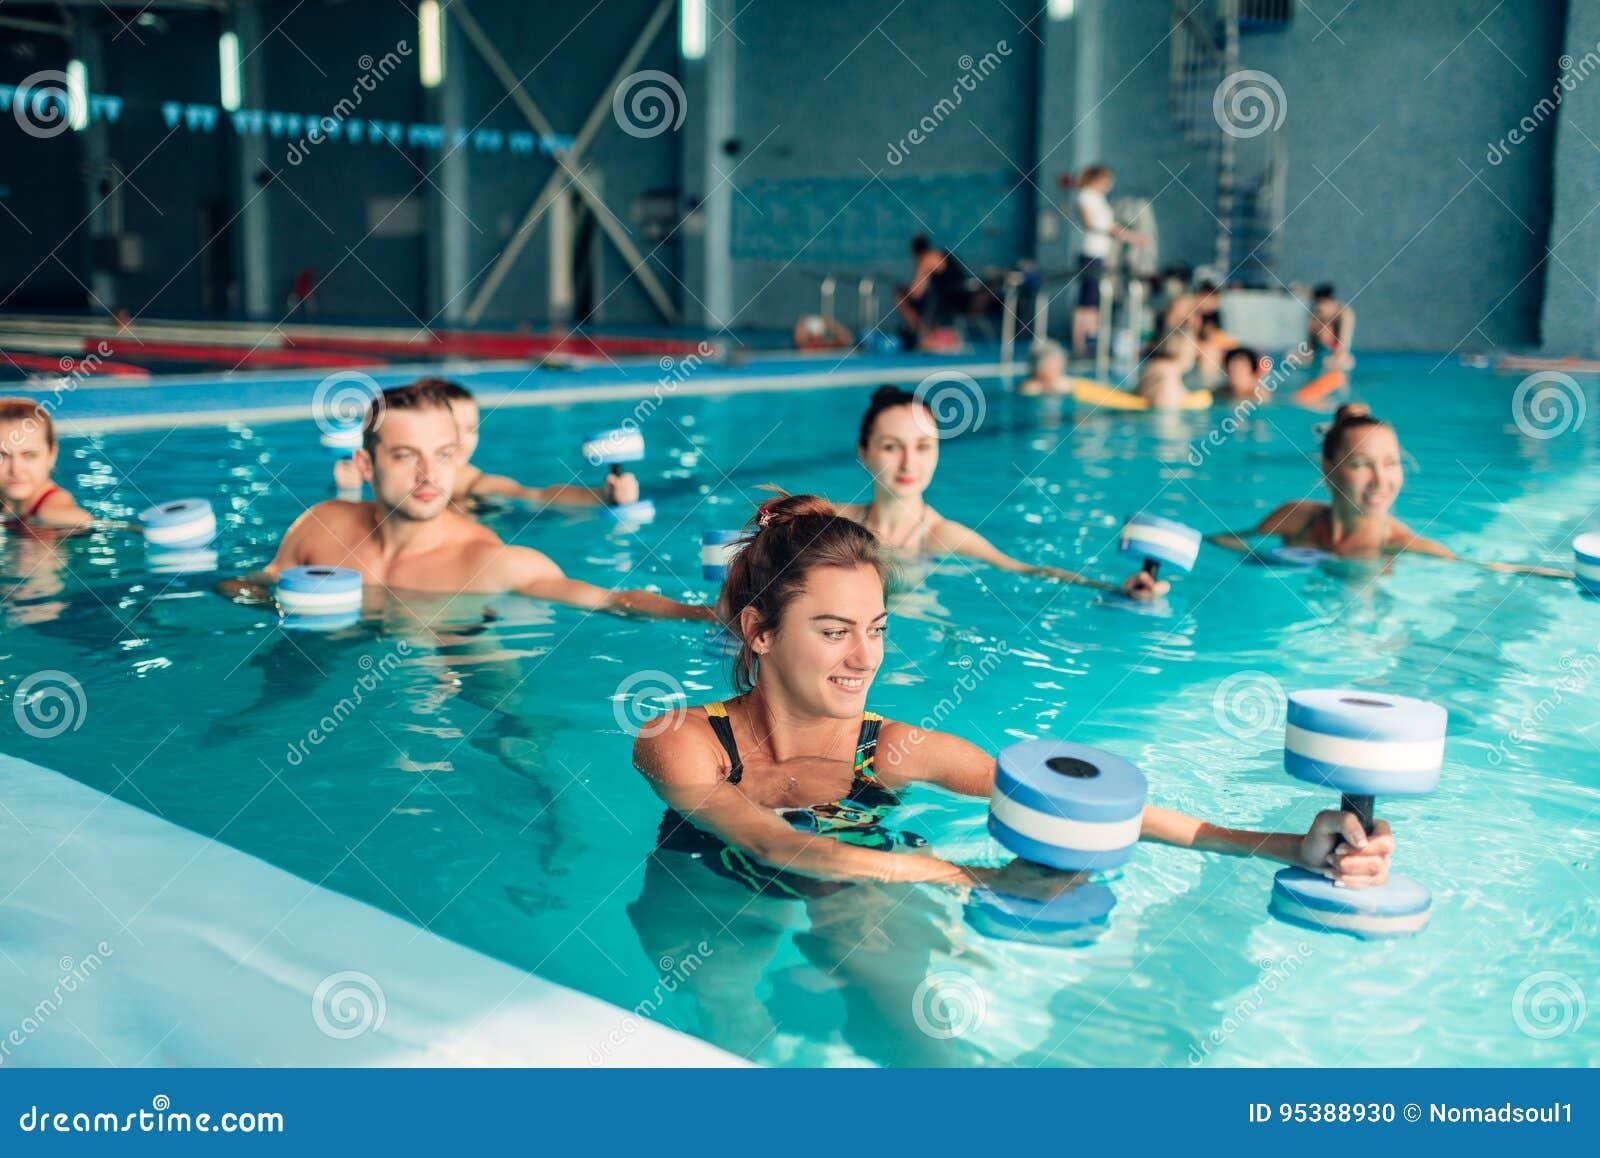 Aerobica dell acqua, stile di vita sano, sport acquatico